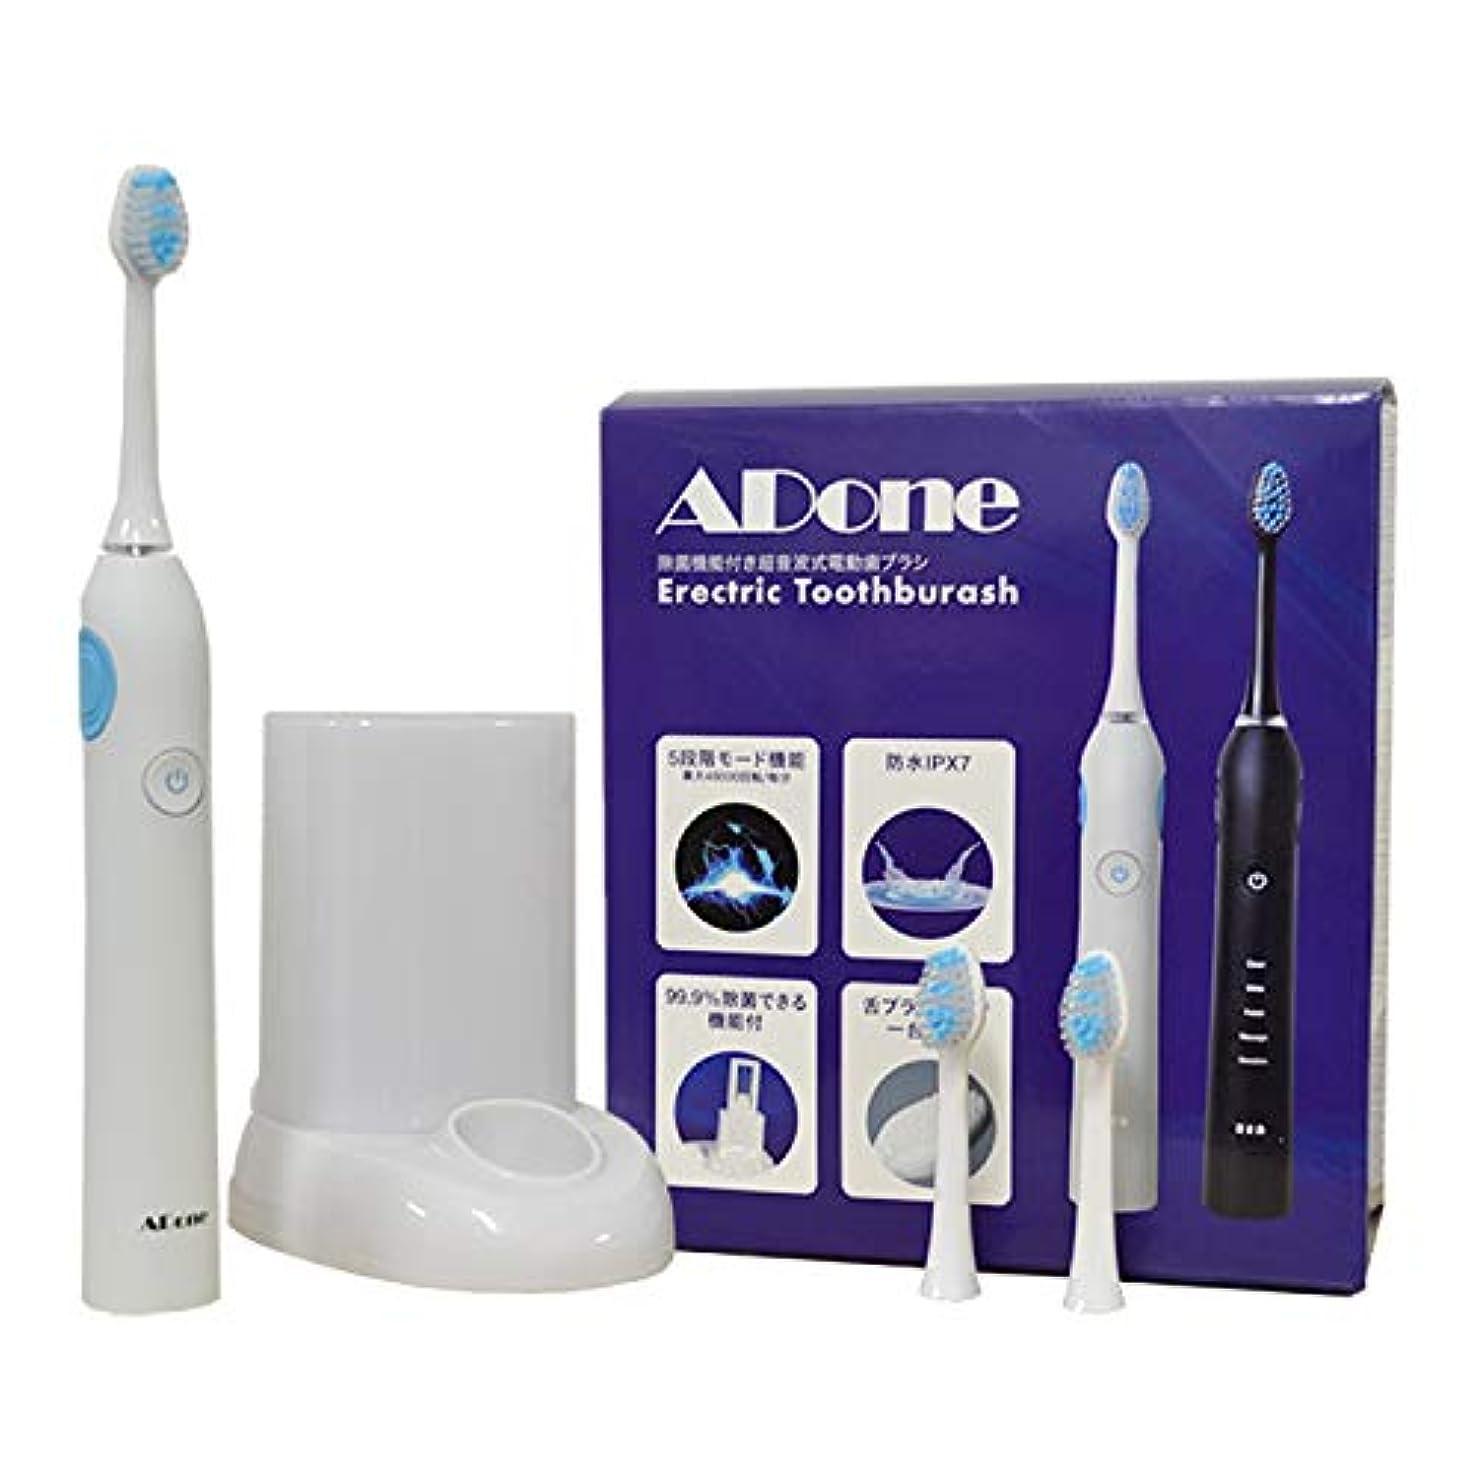 章縁見て国内ブランド アドワン 電動歯ブラシ UV除菌機能付き 歯ブラシ ブラック IPX7防水 替えブラシ3本 デンタルケア (ホワイト)